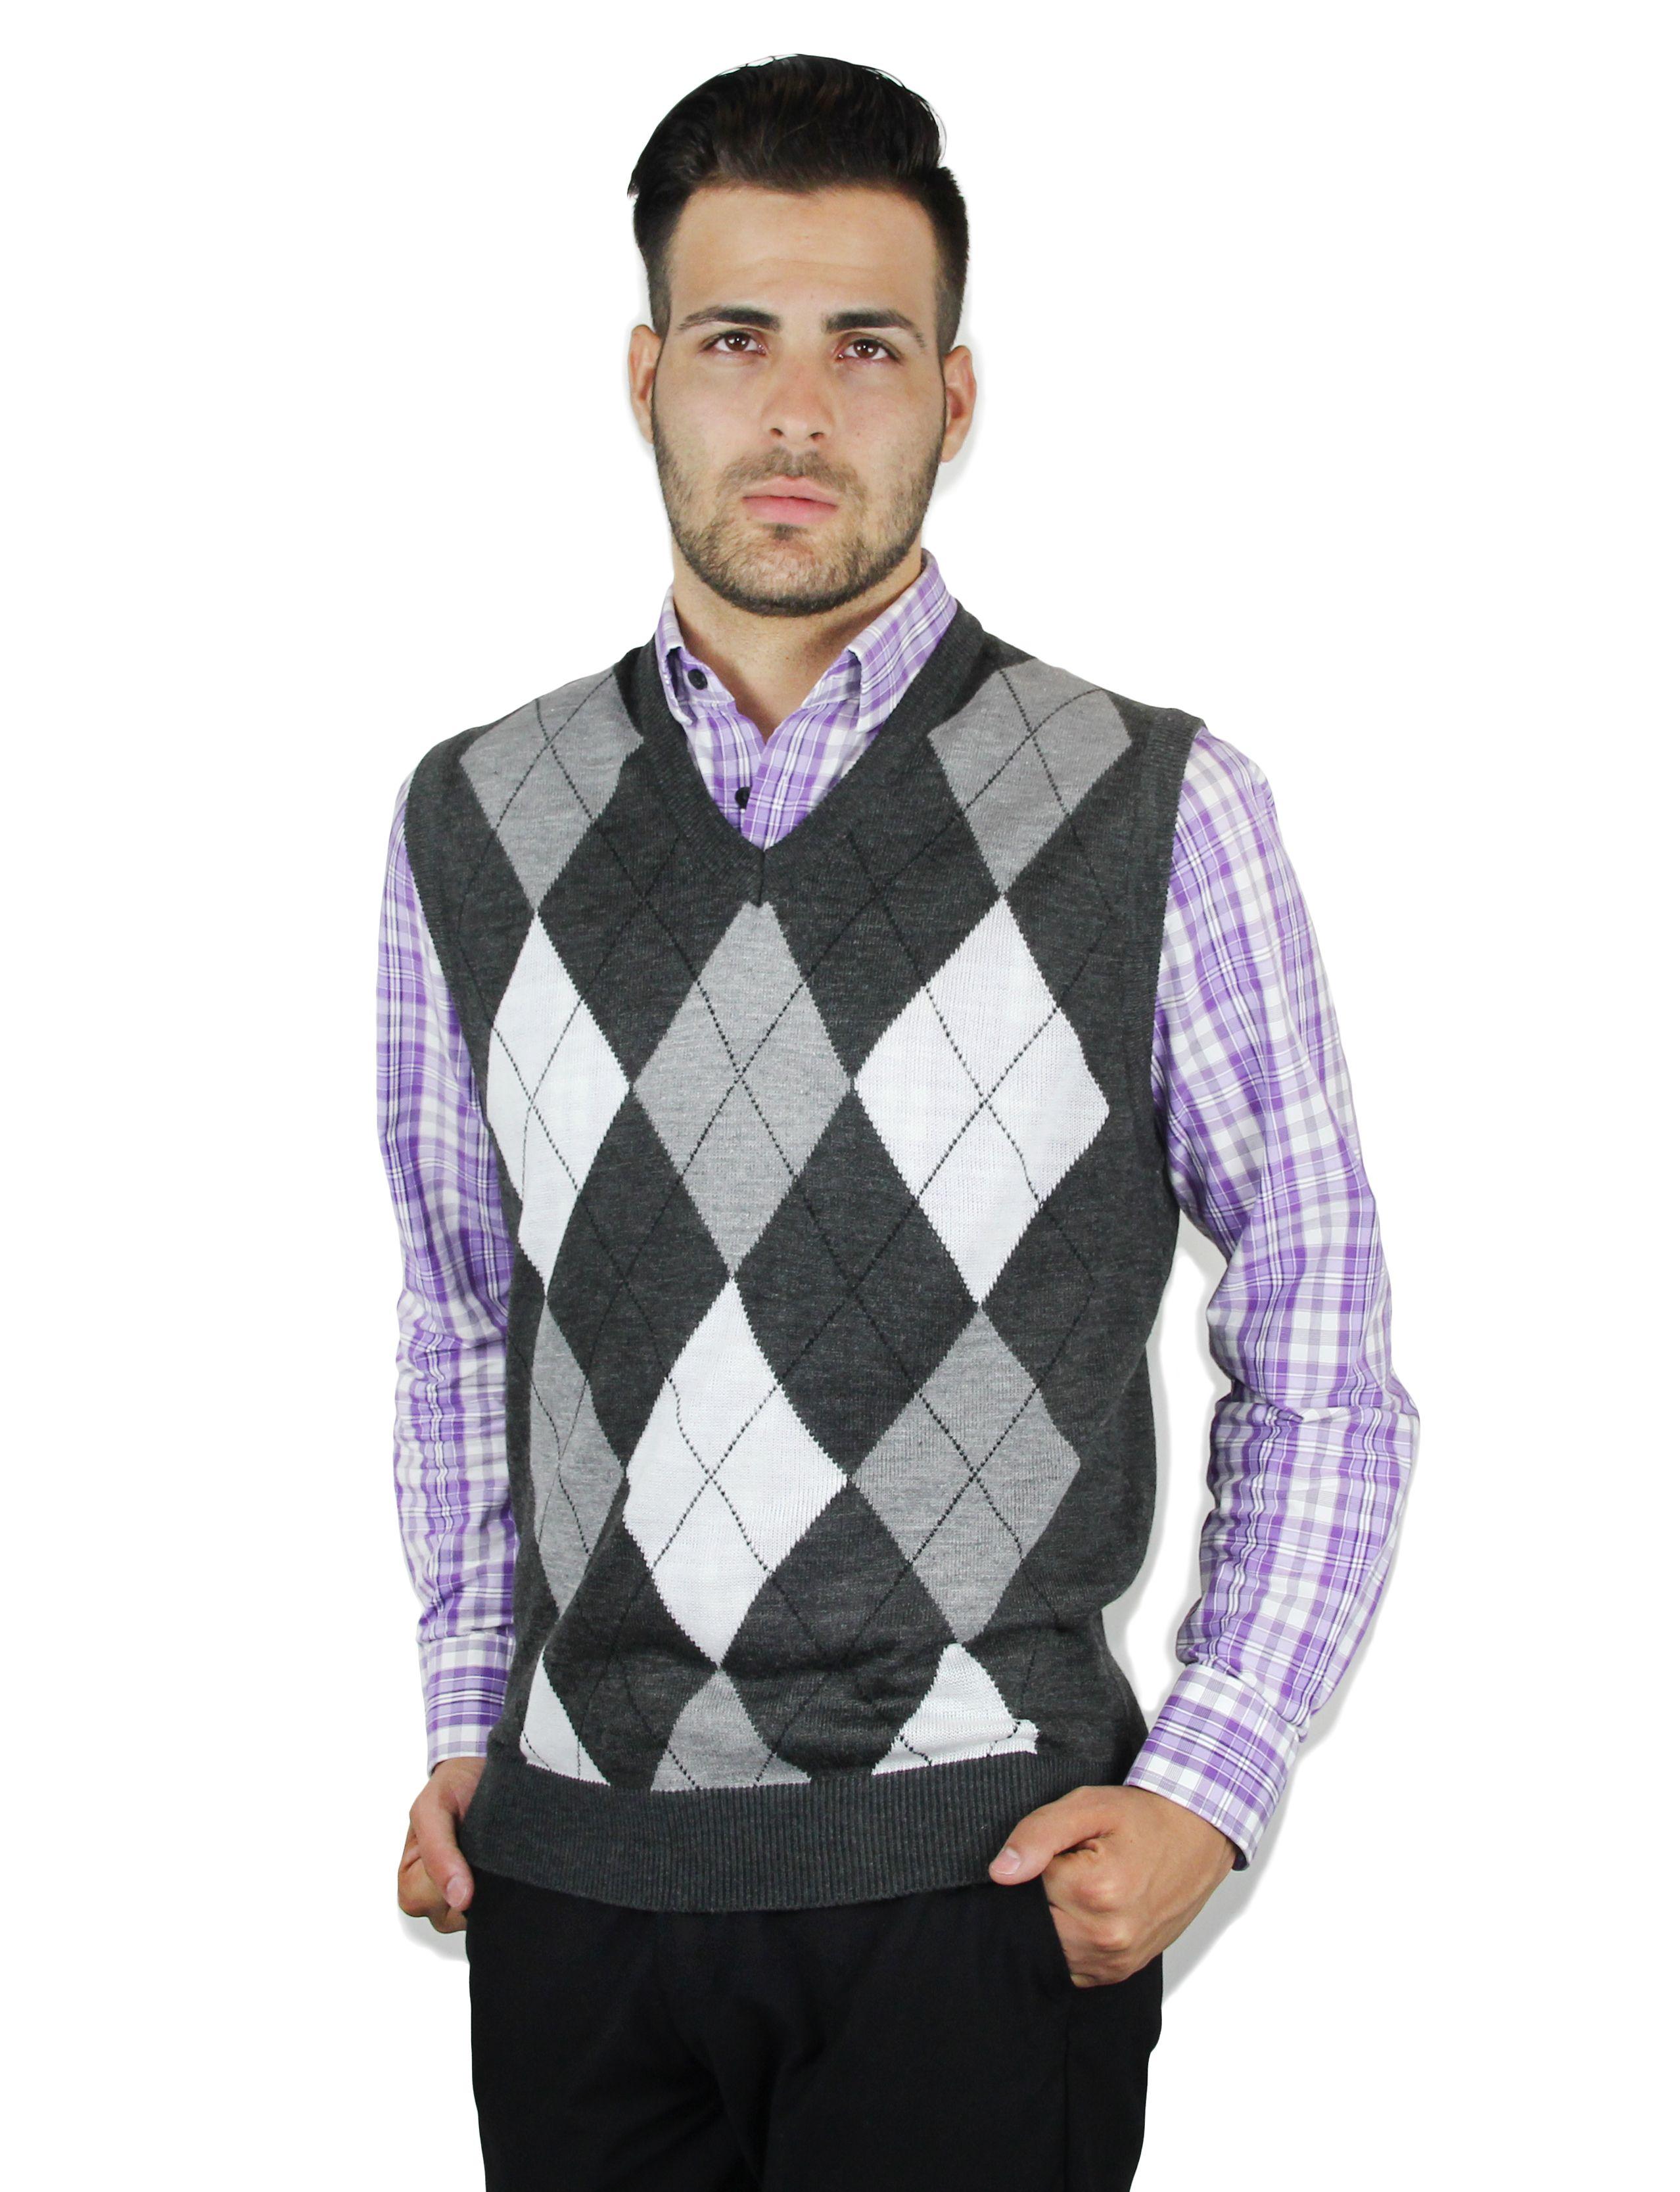 Grey argyle vest over a purple button,down shirt